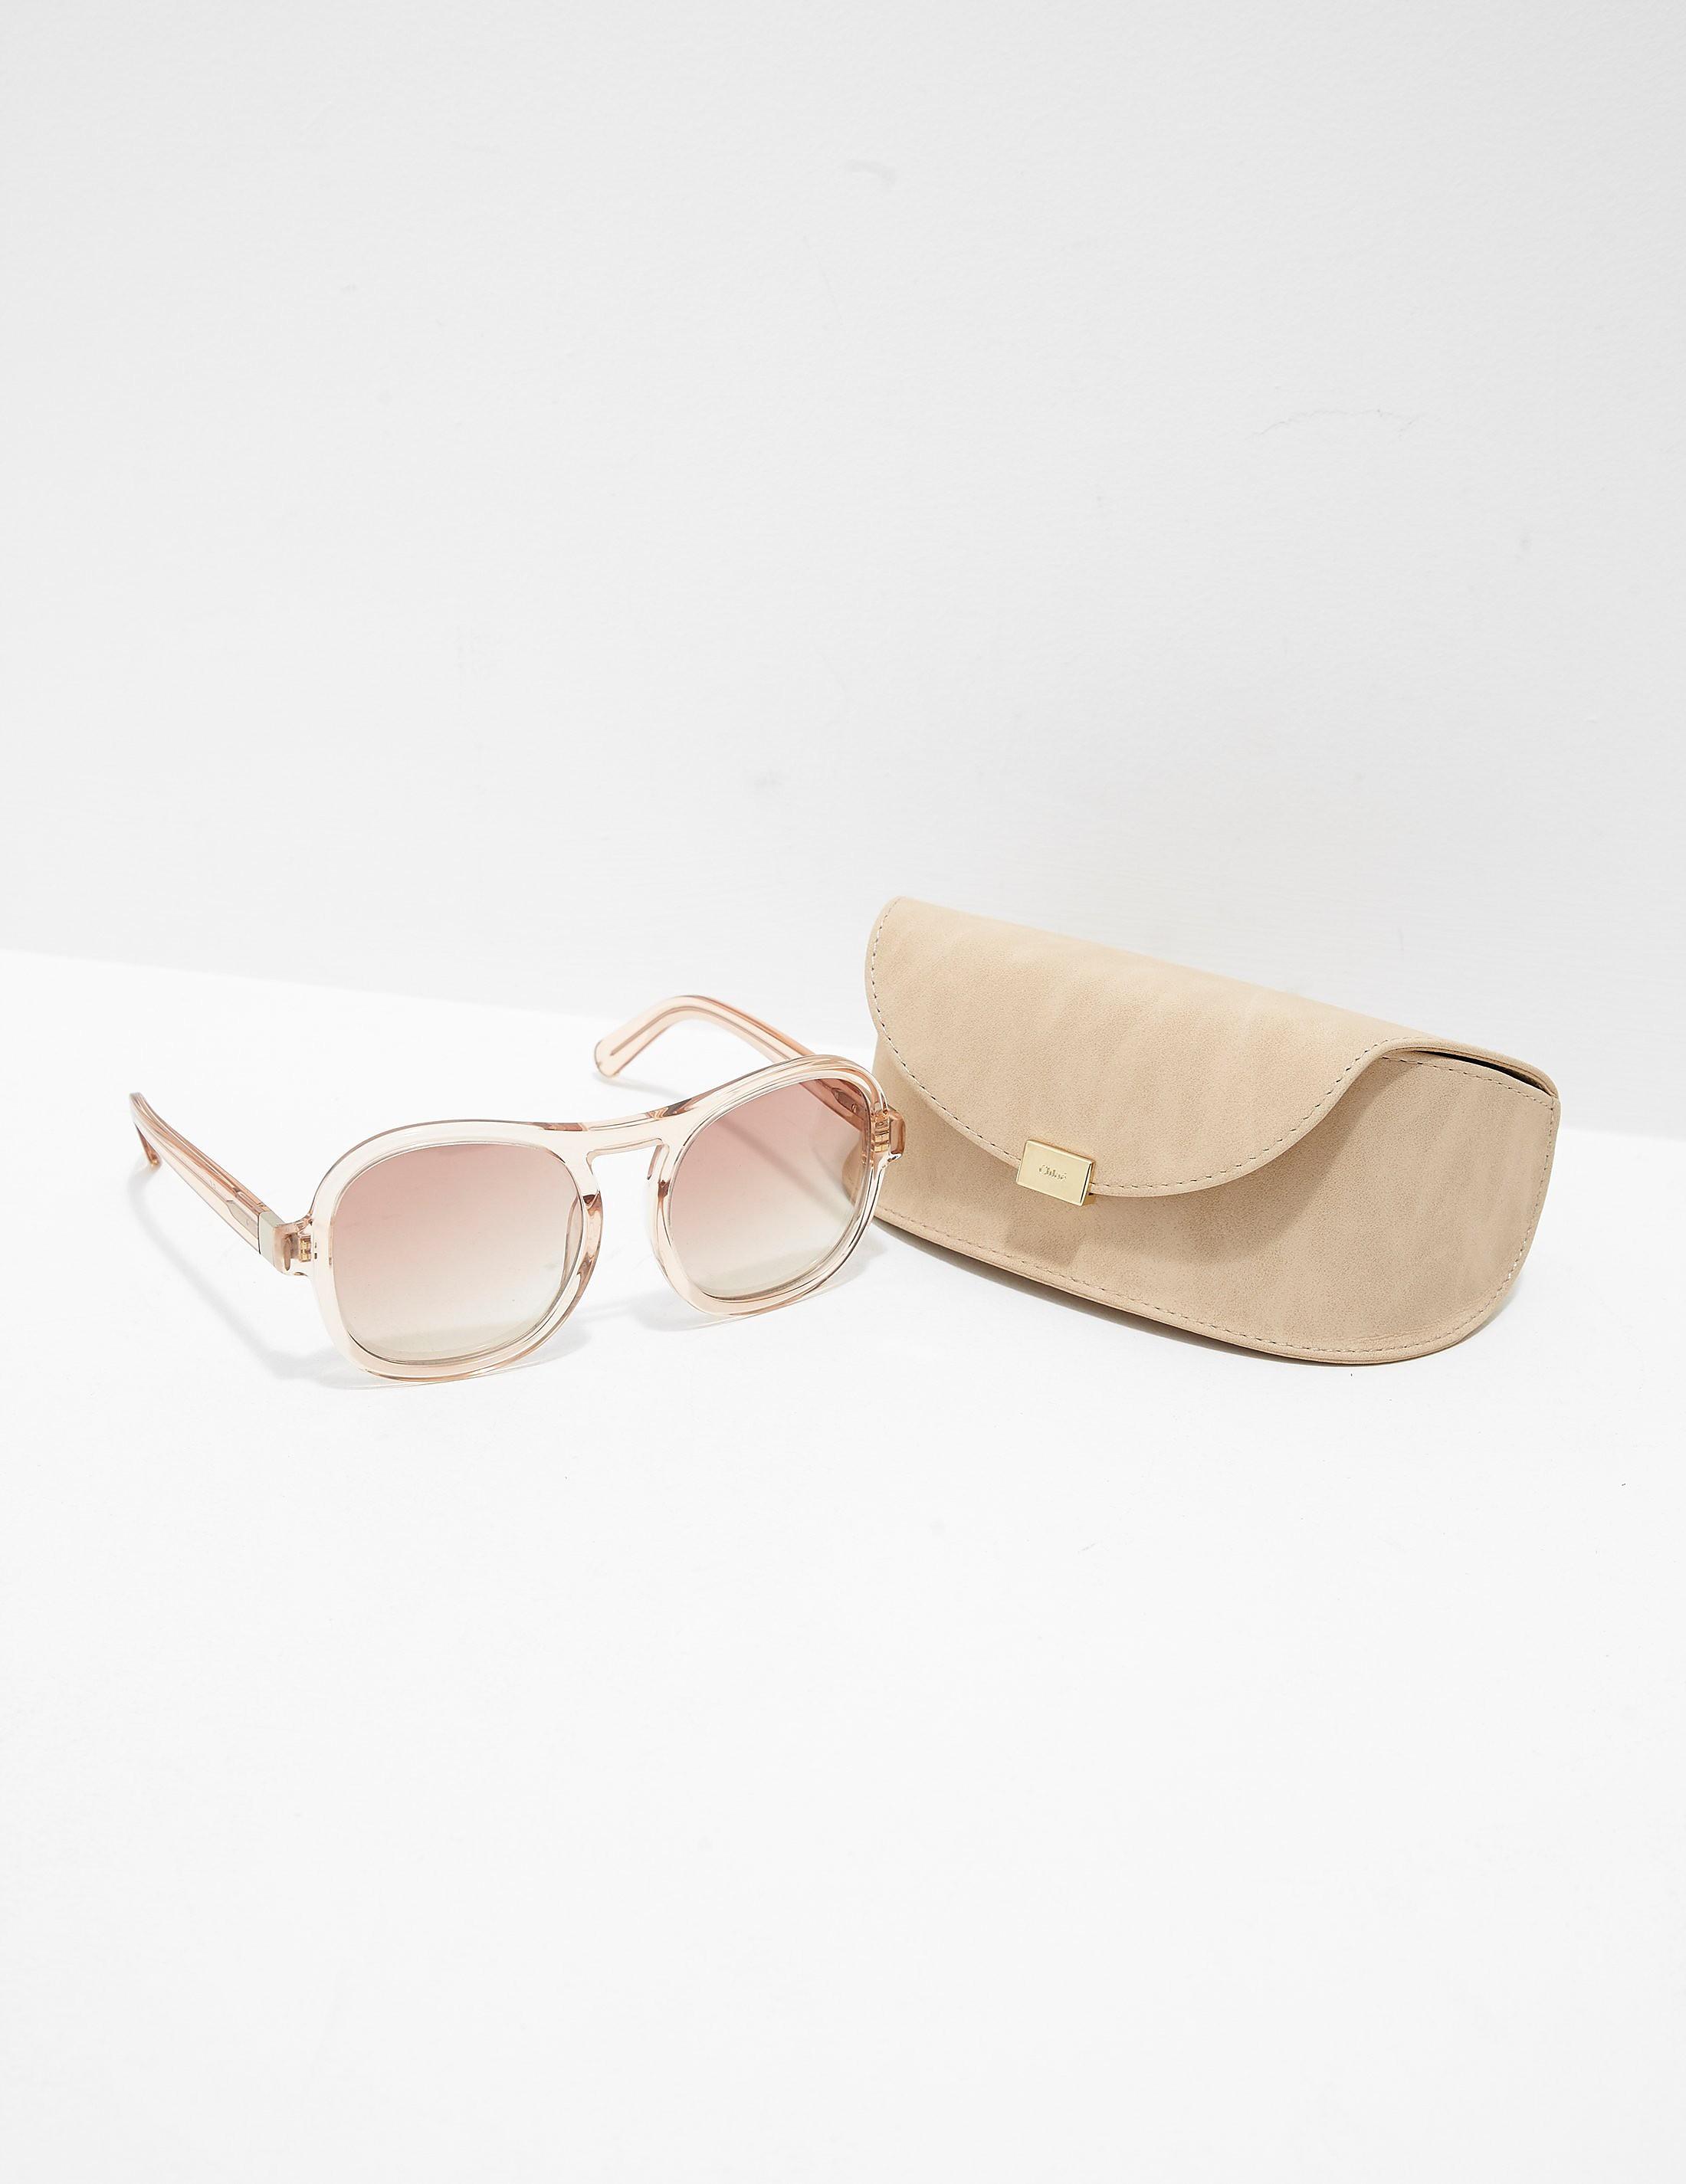 Chloe Plastic Sunglasses